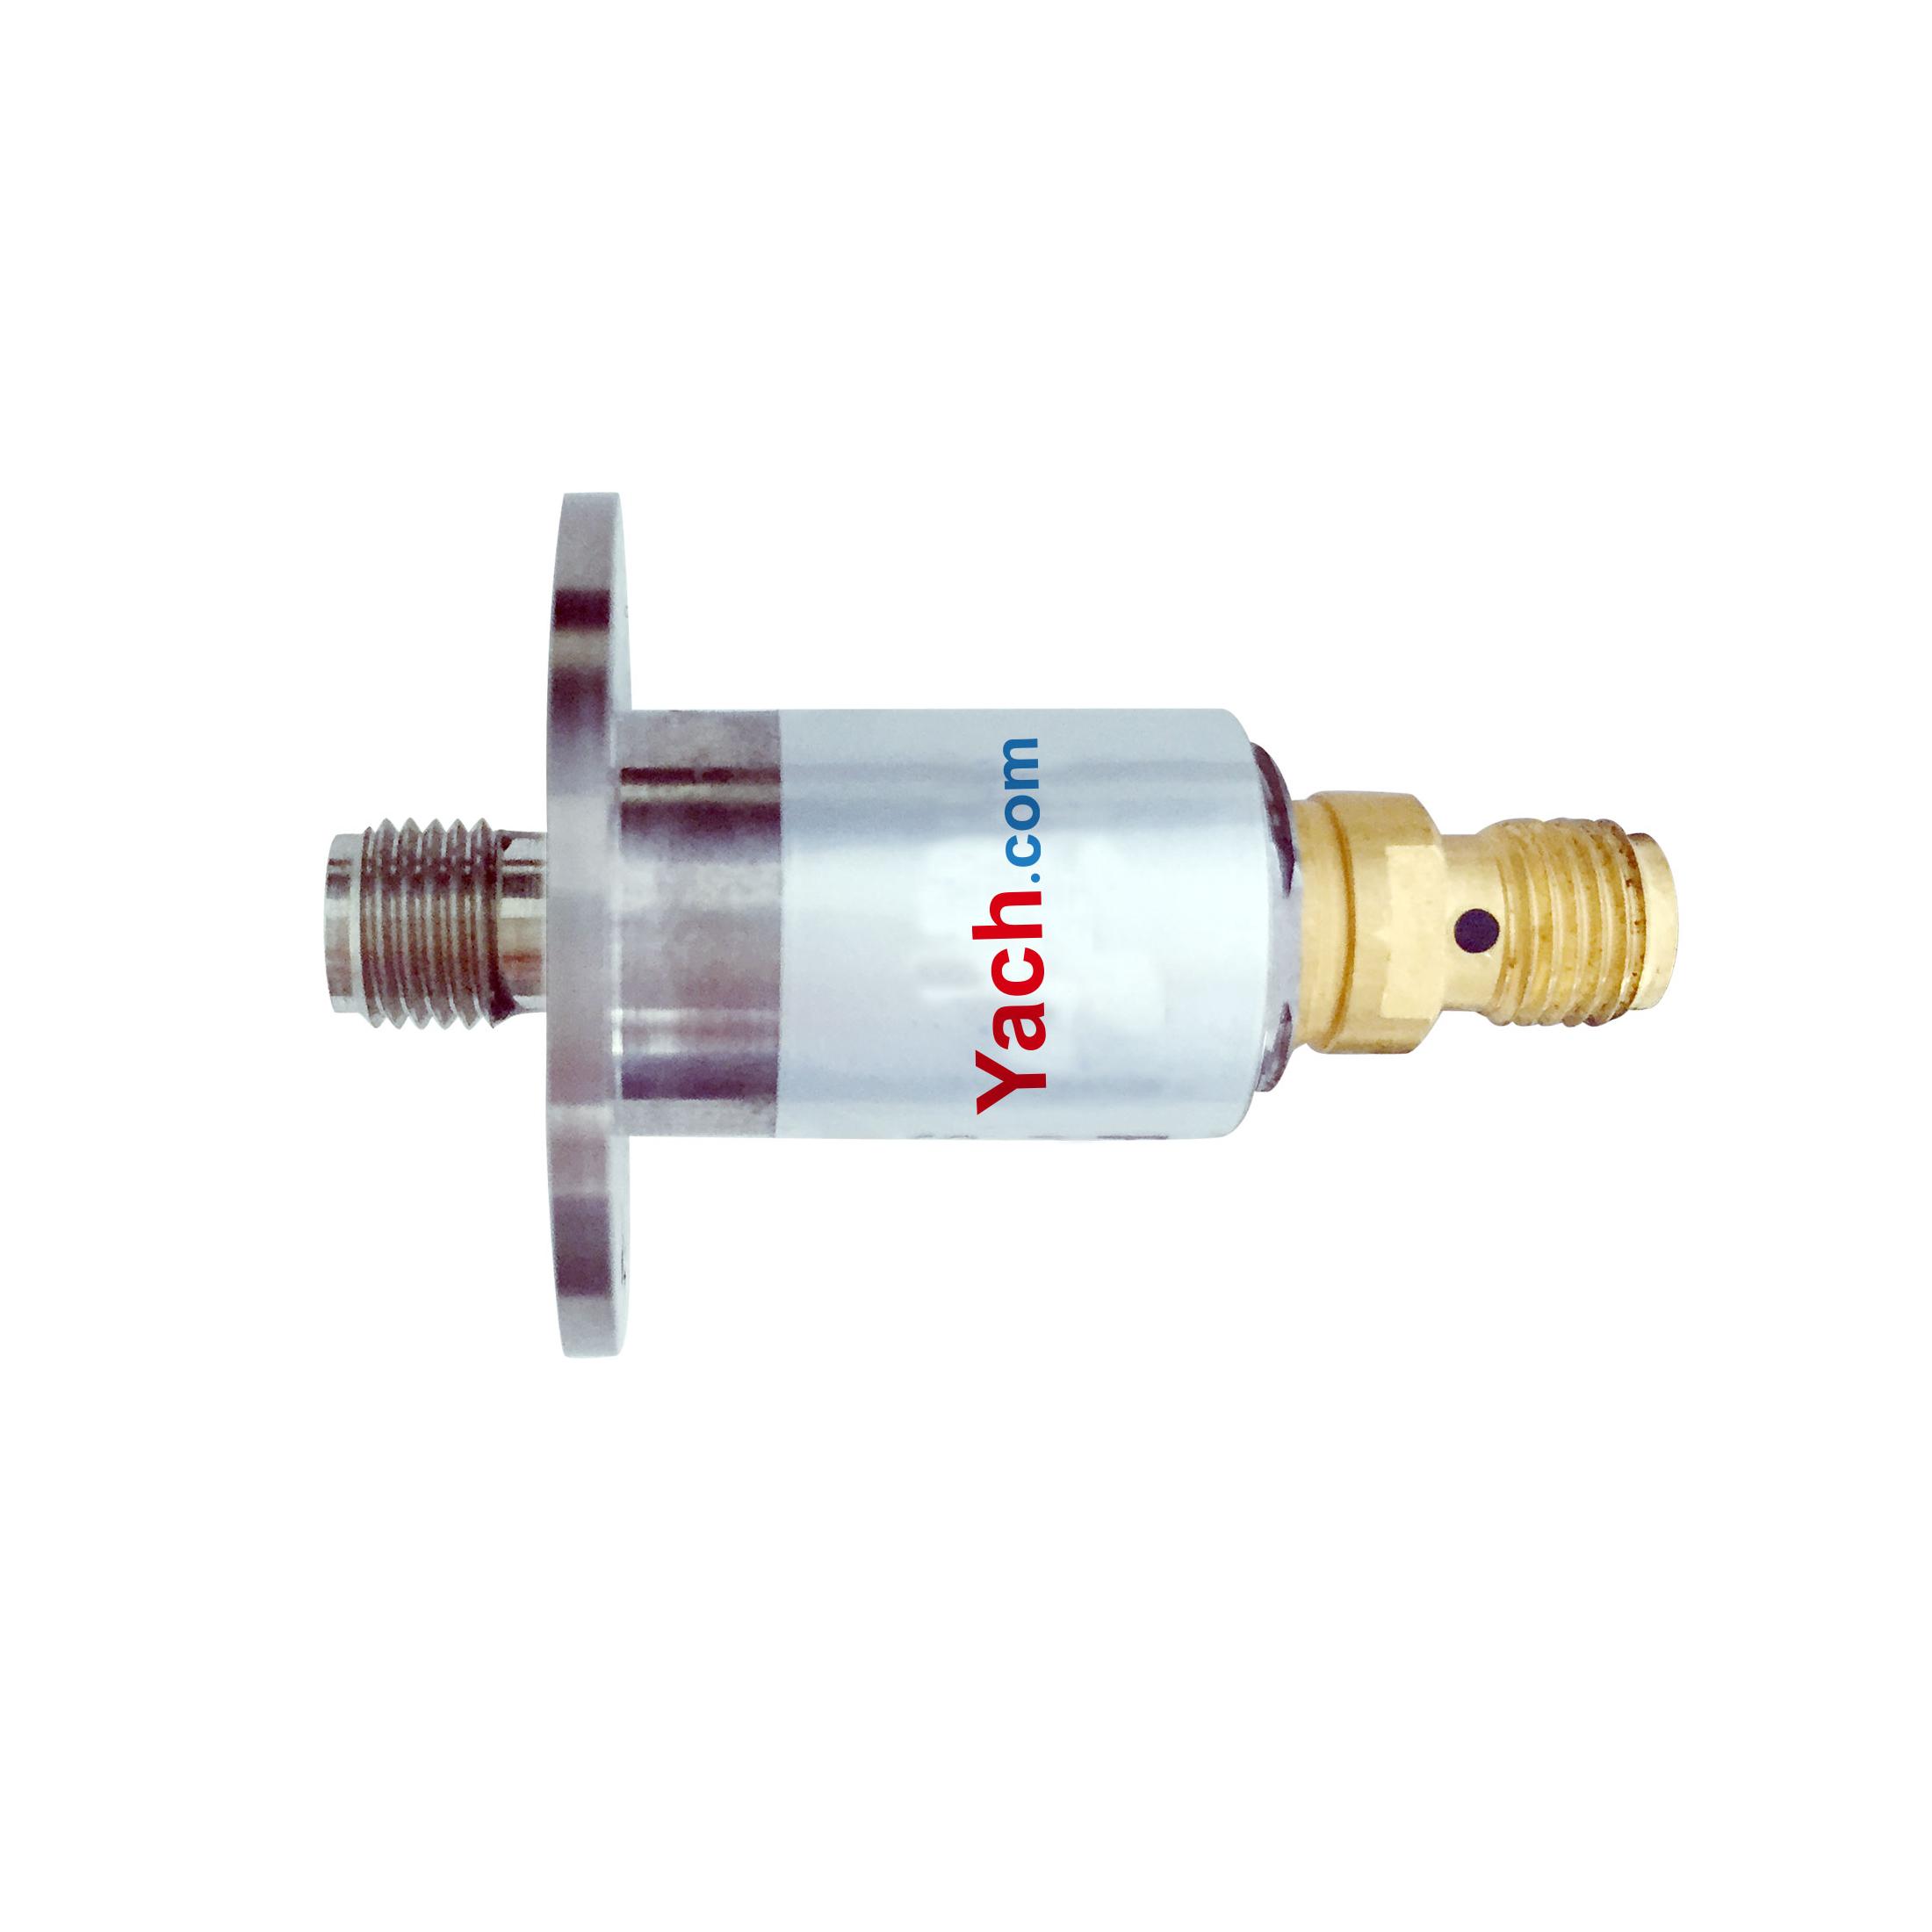 单路同轴十博最佳体育平台网址RJ518101 [DC to 26 GHz] SMA